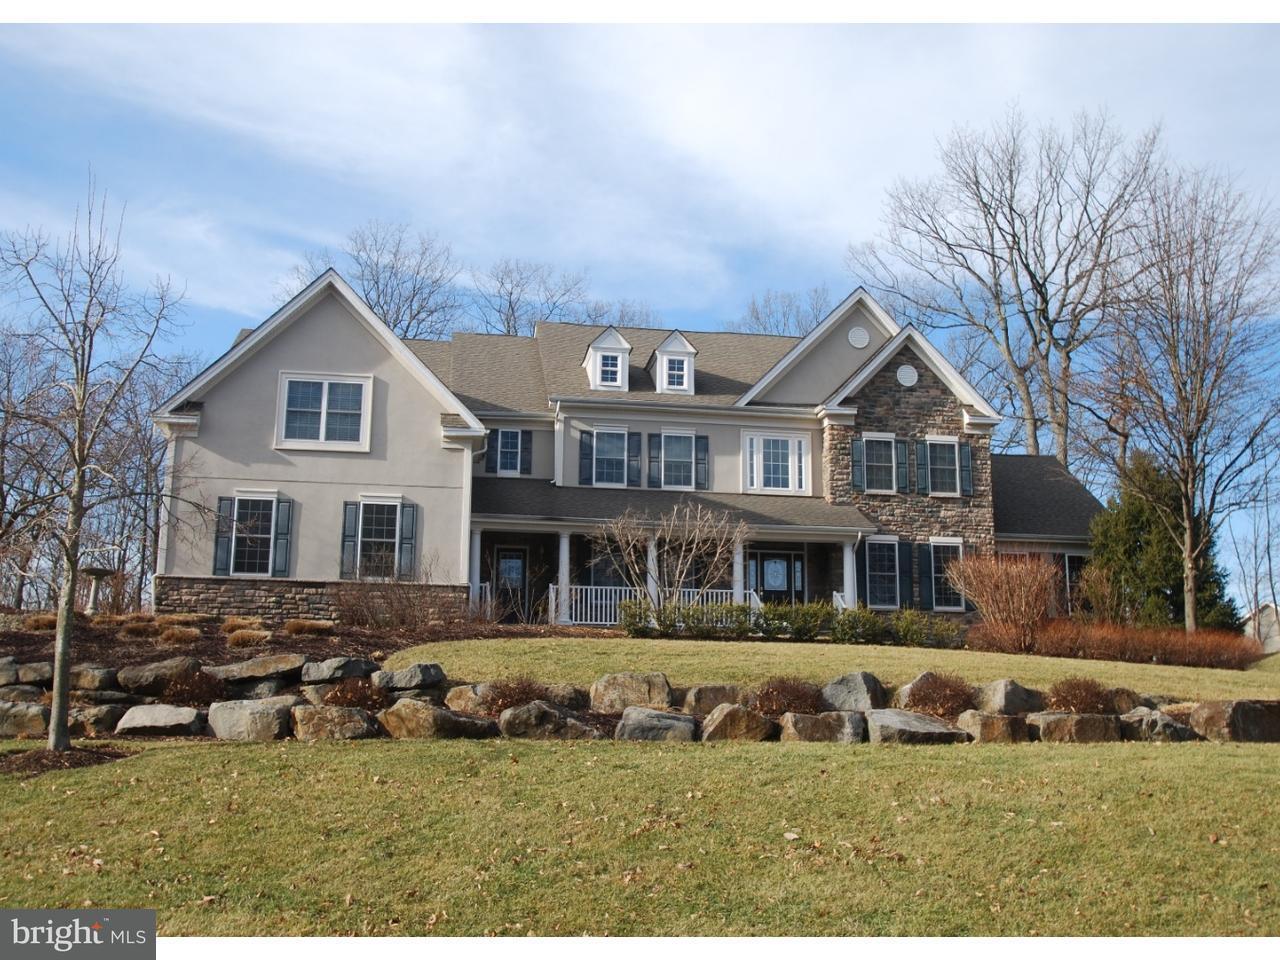 Частный односемейный дом для того Продажа на 1609 CREAGH KNOLL Lane Downingtown, Пенсильвания 19335 Соединенные Штаты